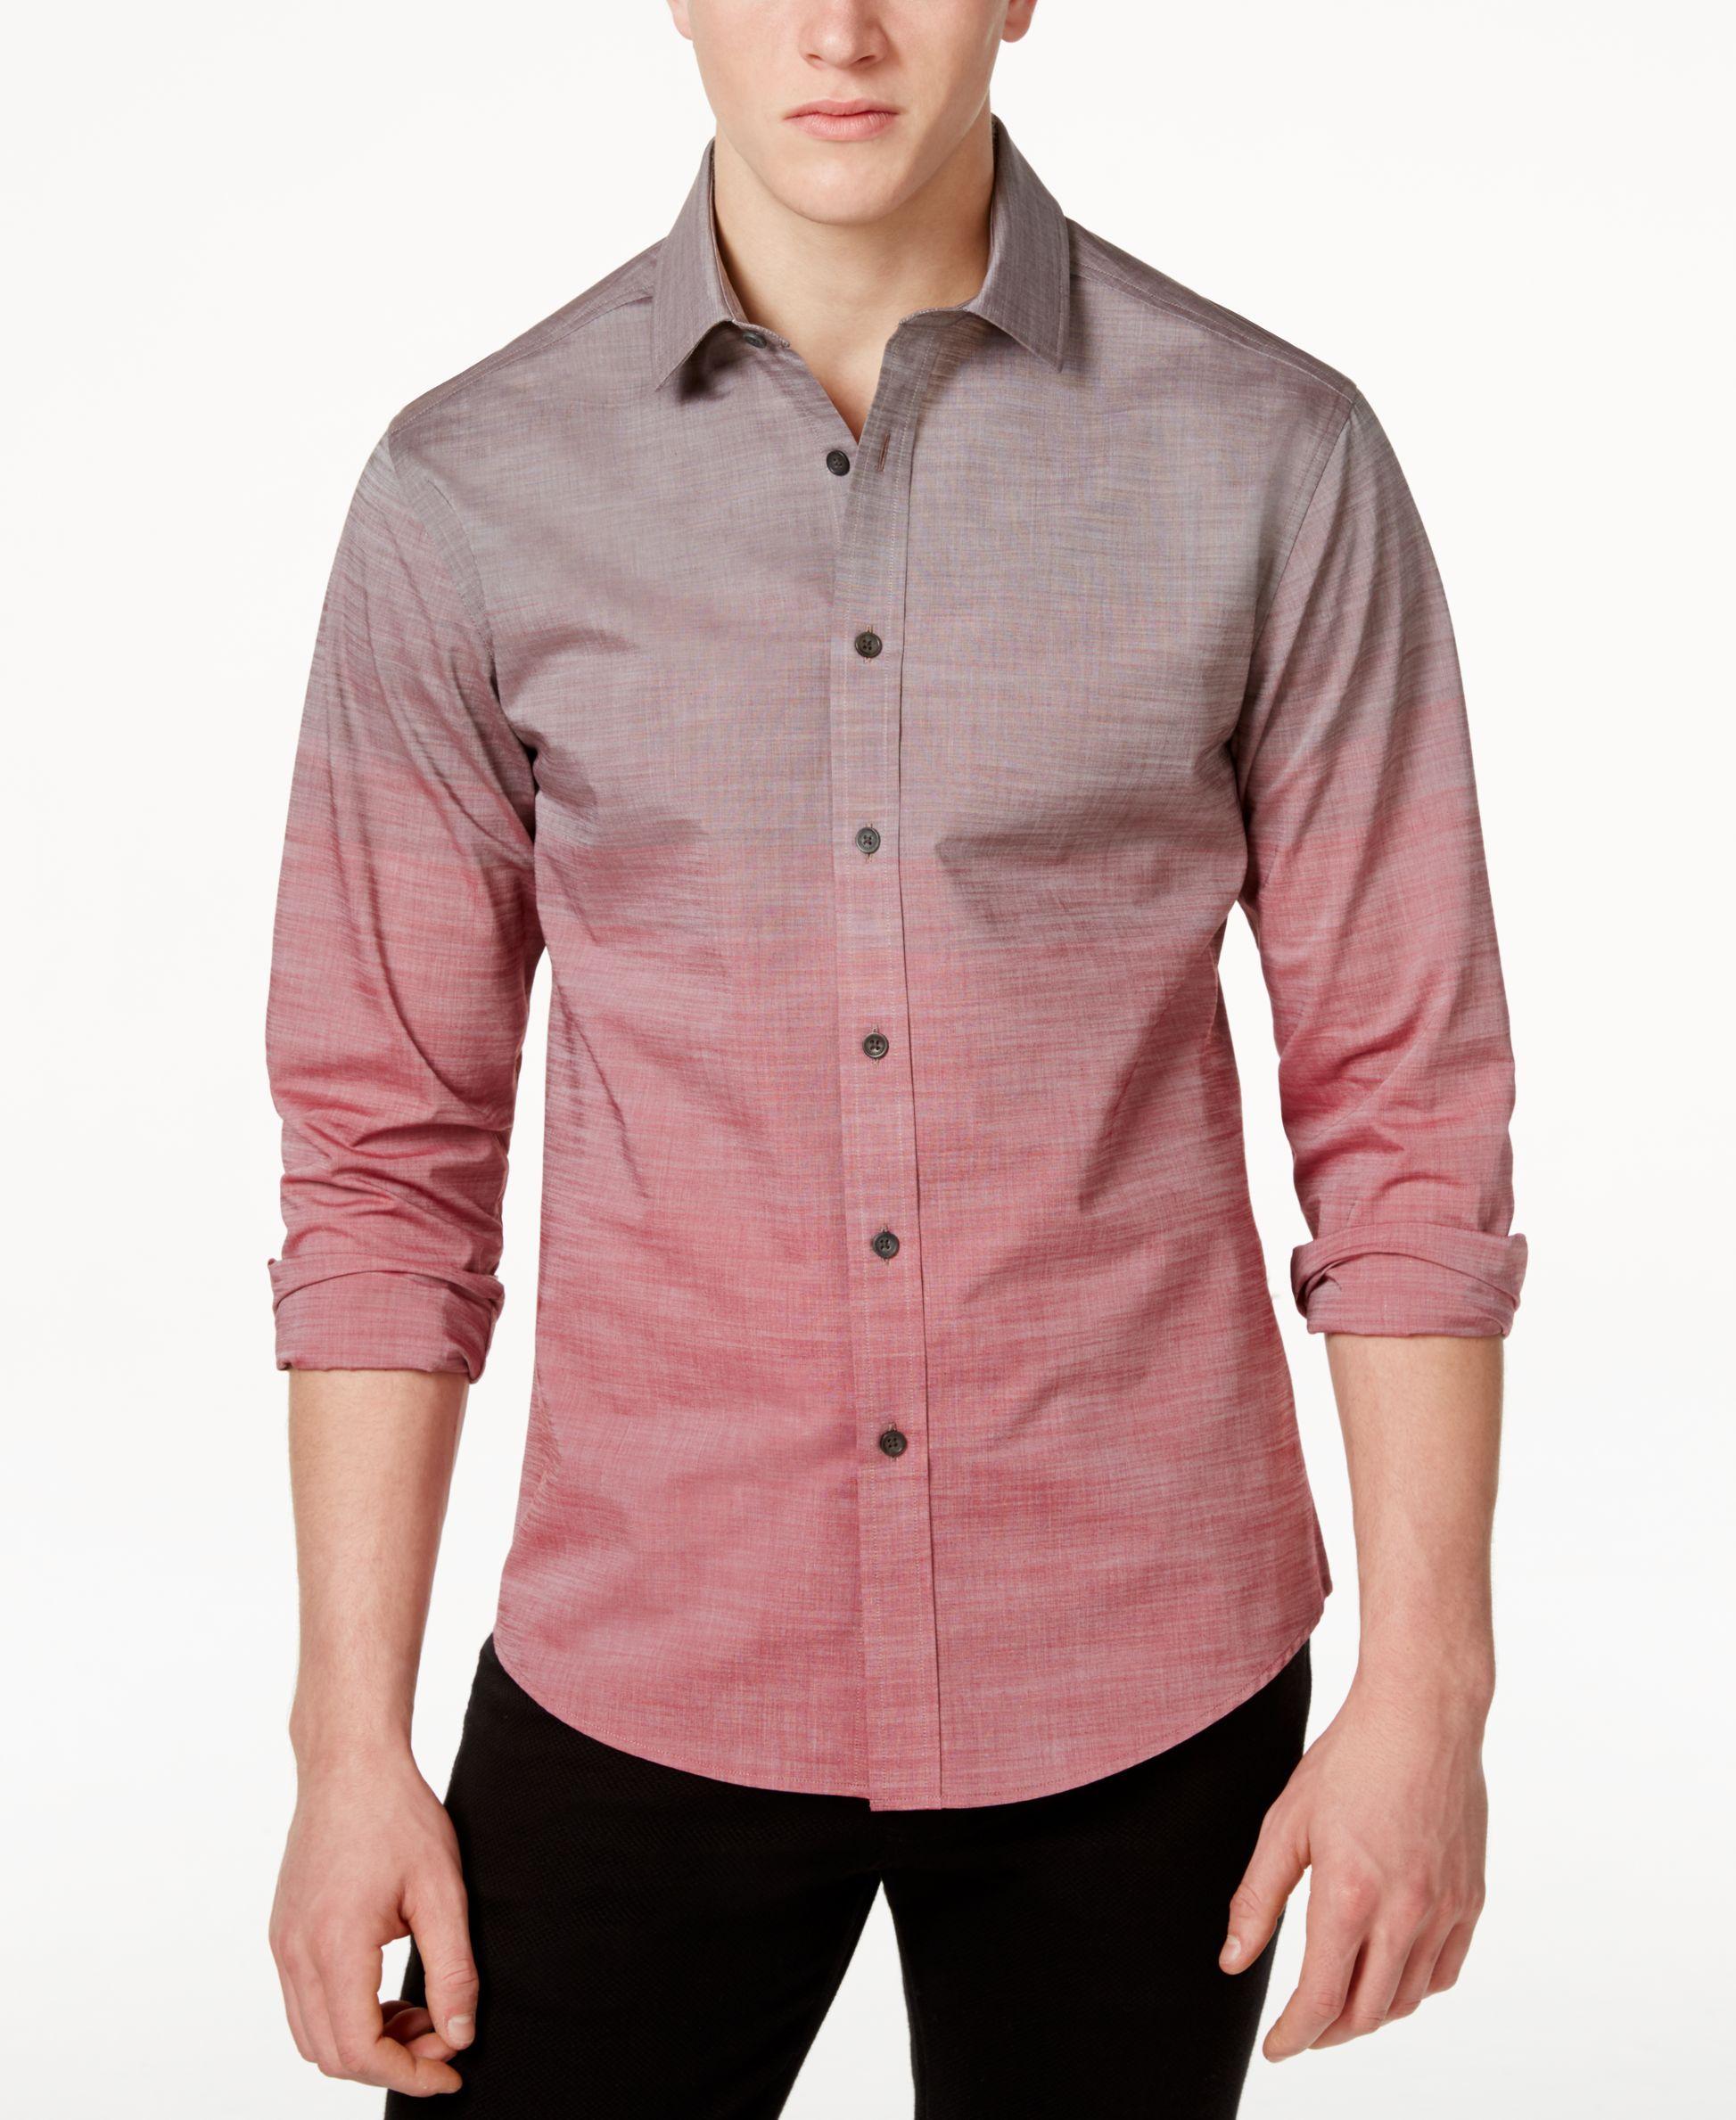 Vince Camuto Men's Ombre Button-Front Shirt - Casual Button-Down Shirts -  Men - Macy's | Casual shirts for men, Men shirt style, Mens shirts